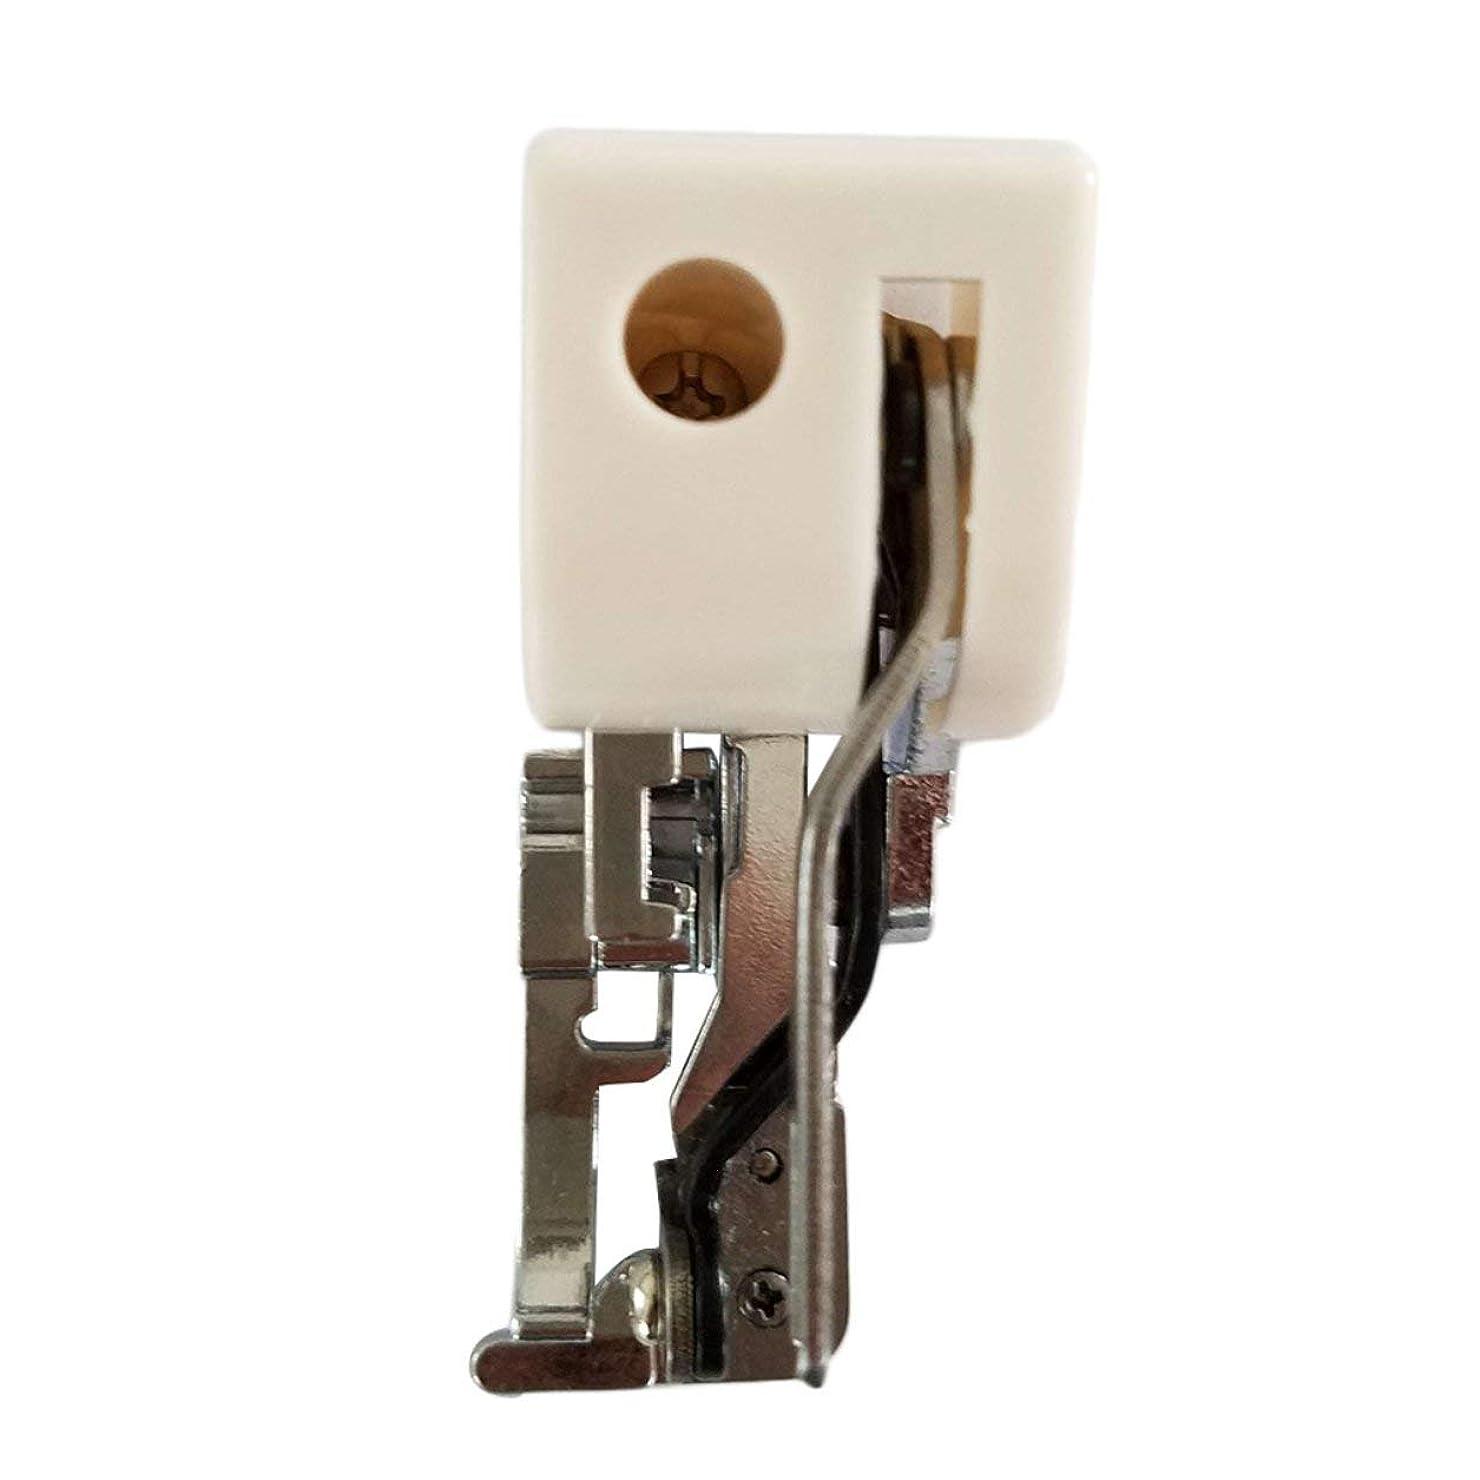 大破ボイコット騒ぎSaikogoods 低シャンクミシンスタイリッシュなデザインのための耐久性のあるメタル&プラスチックサイドカッター押え/刺繍かがりフット